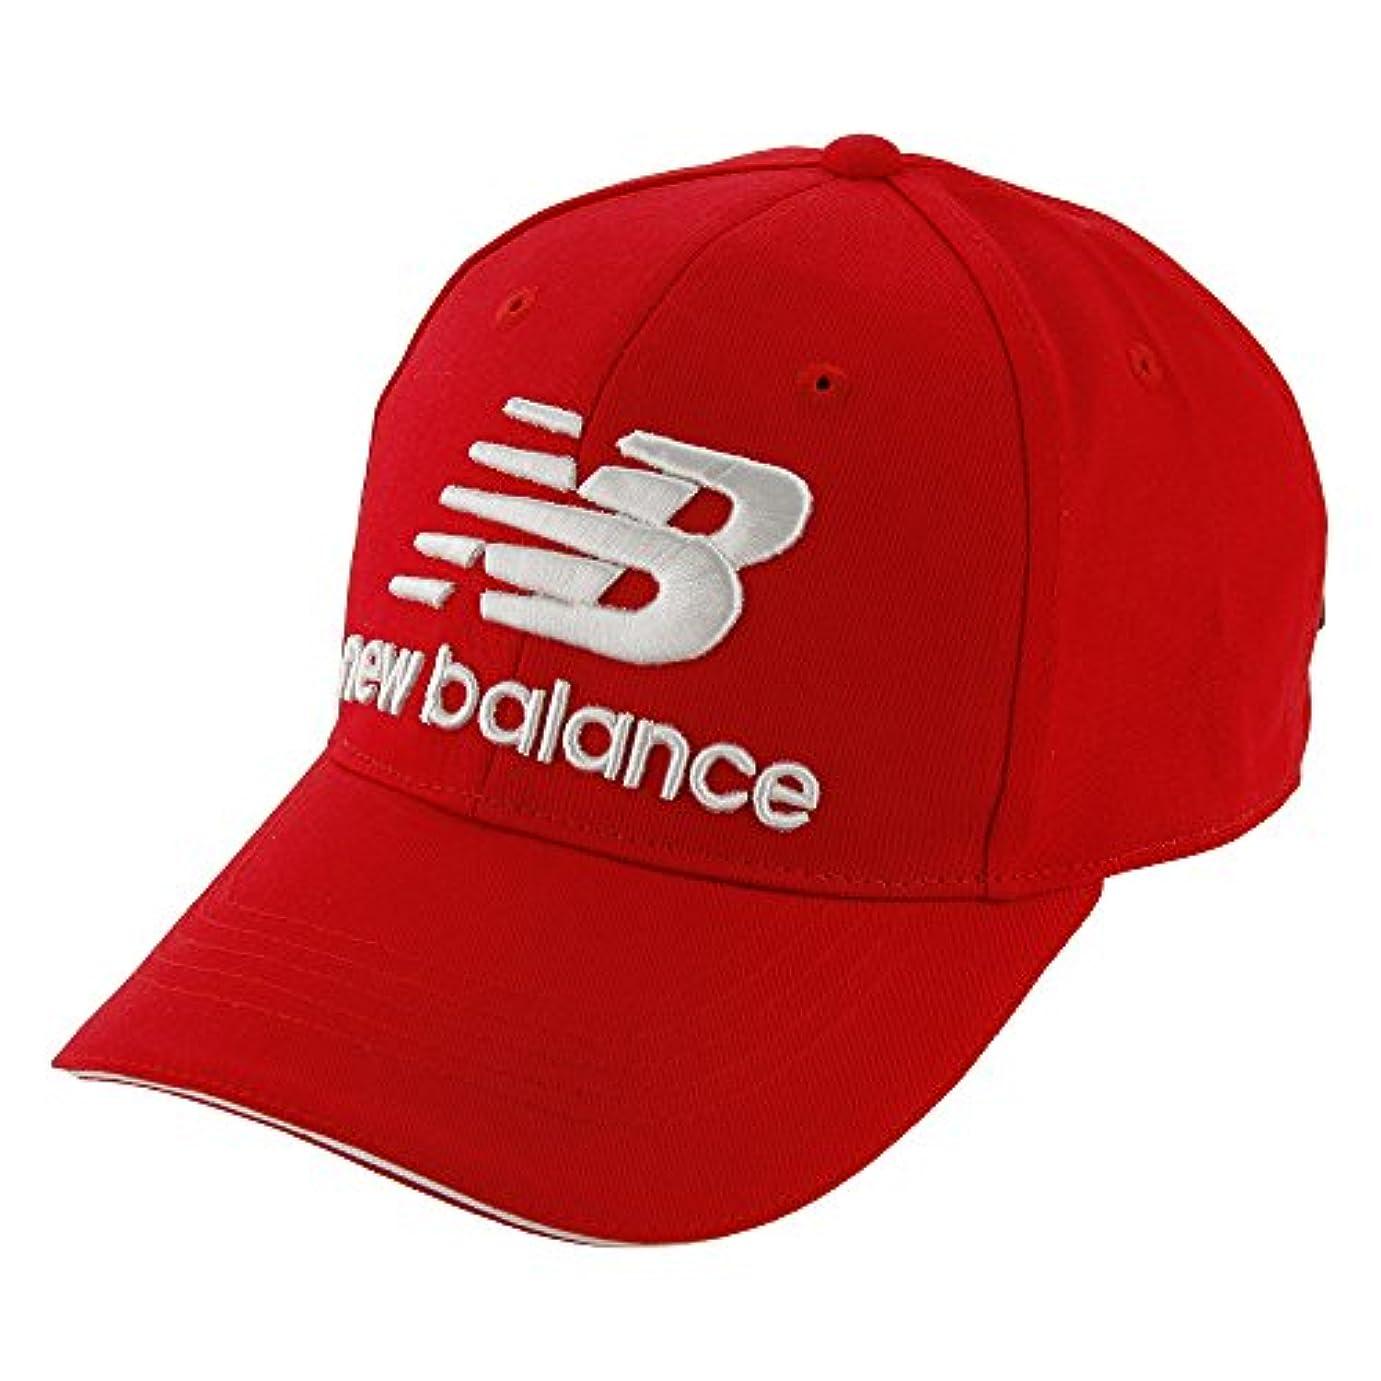 戦闘ペデスタルエステートニューバランス New Balance NBロゴ 6パネルカラーキャップ 012-8187001  セリーズ